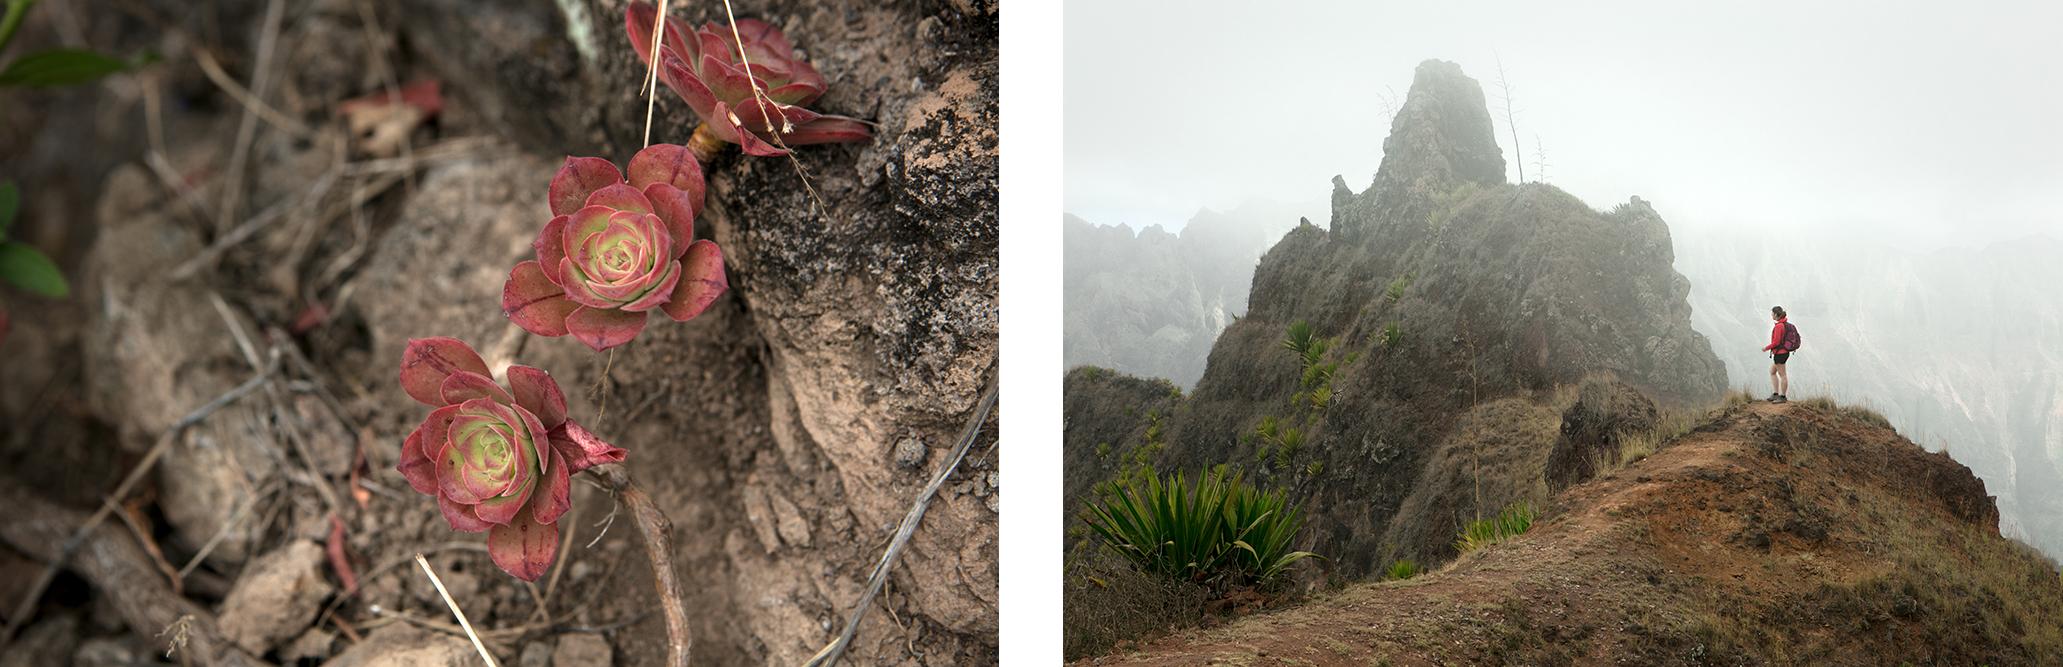 Randonnée au Cap Vert jour 3 avec Chamina Voyages